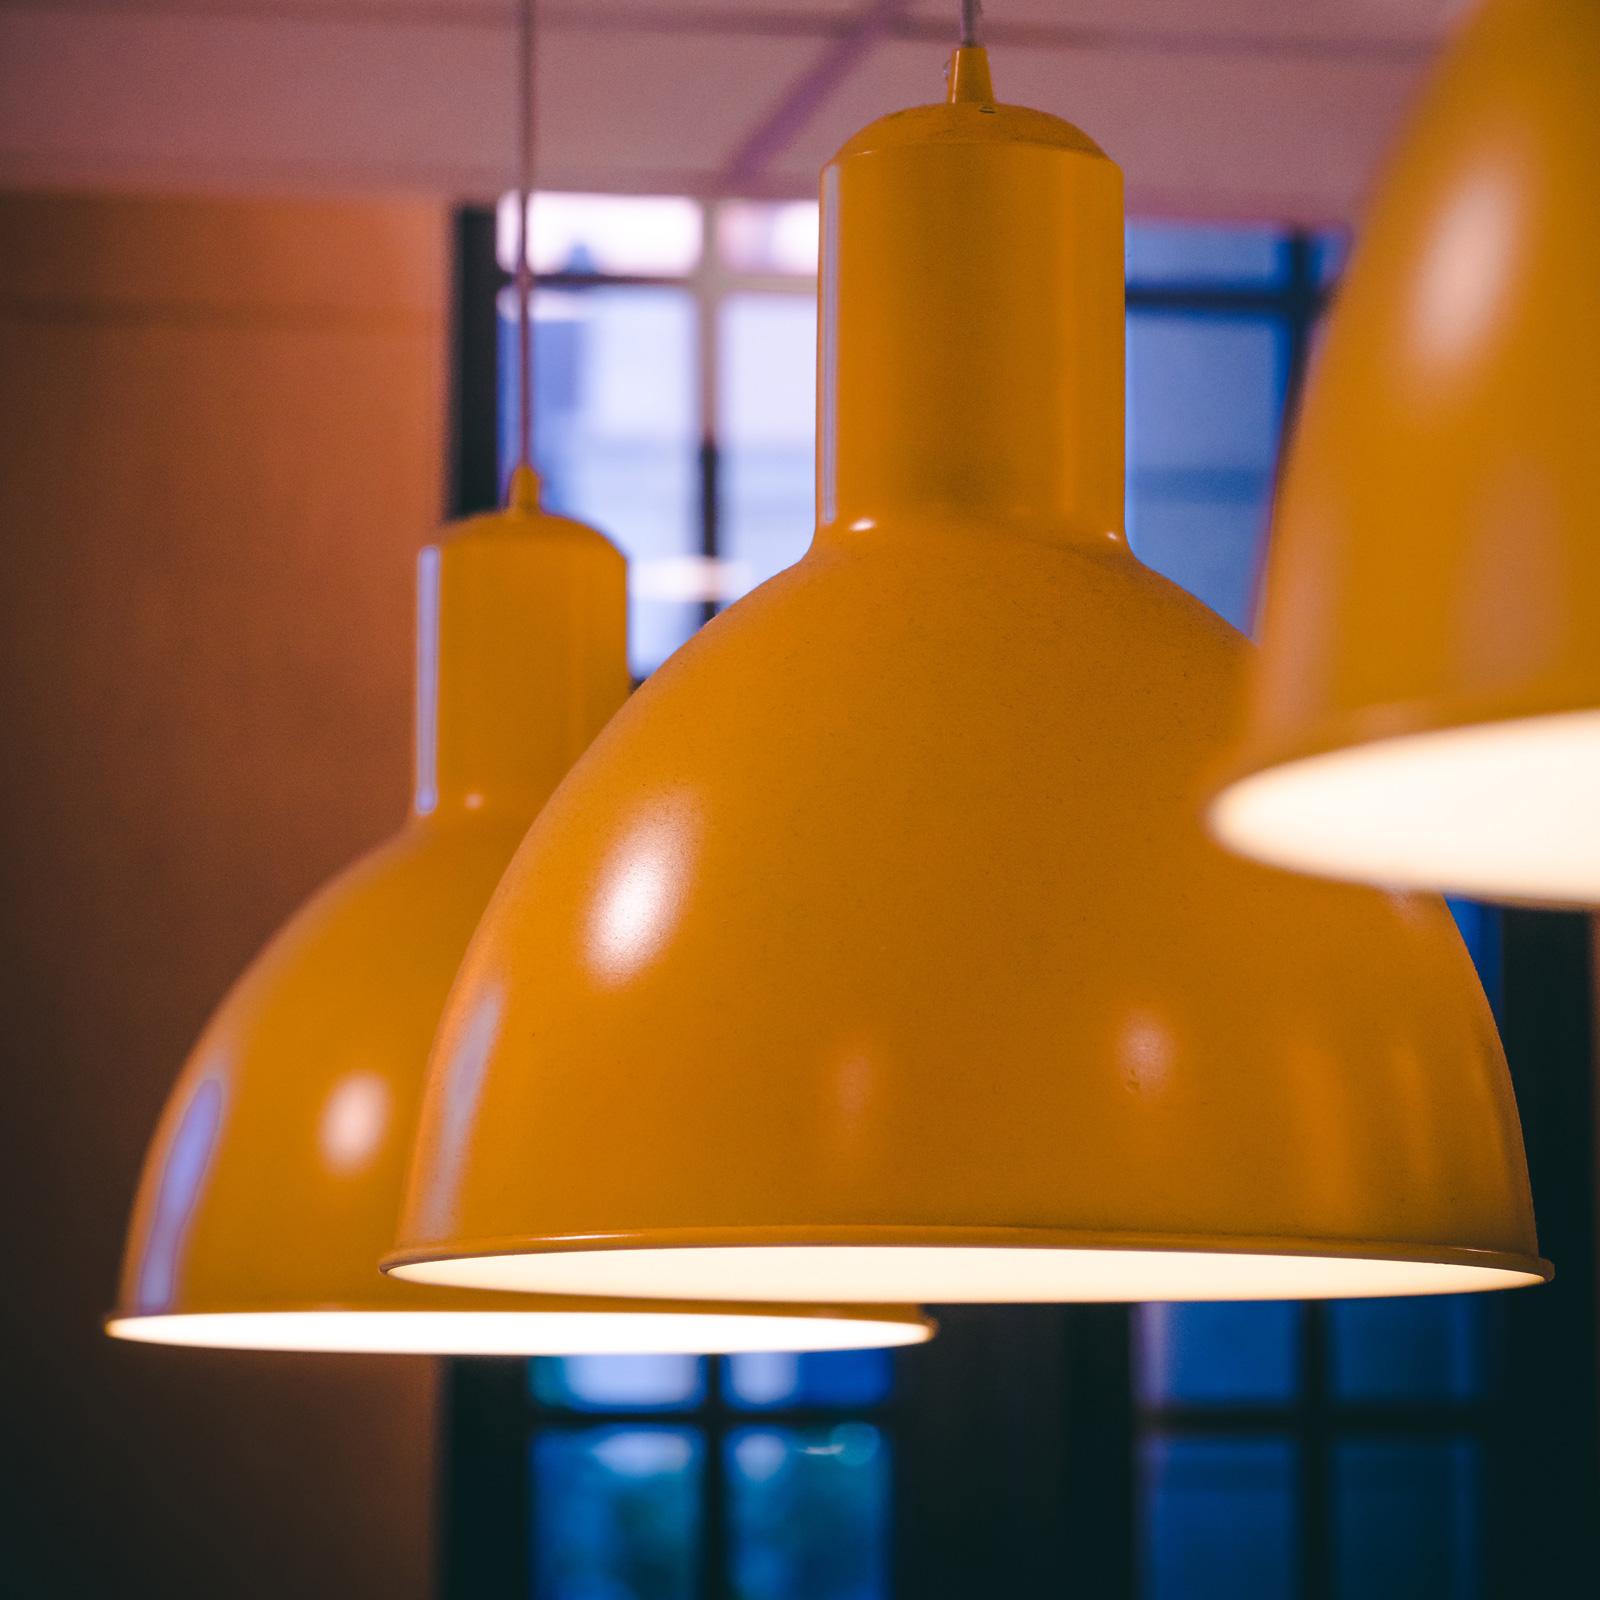 Tief hängende Pendelleuchten eignen sich für die Beleuchtung einzelner Bereiche, zum Beispiel eines Esstisches.